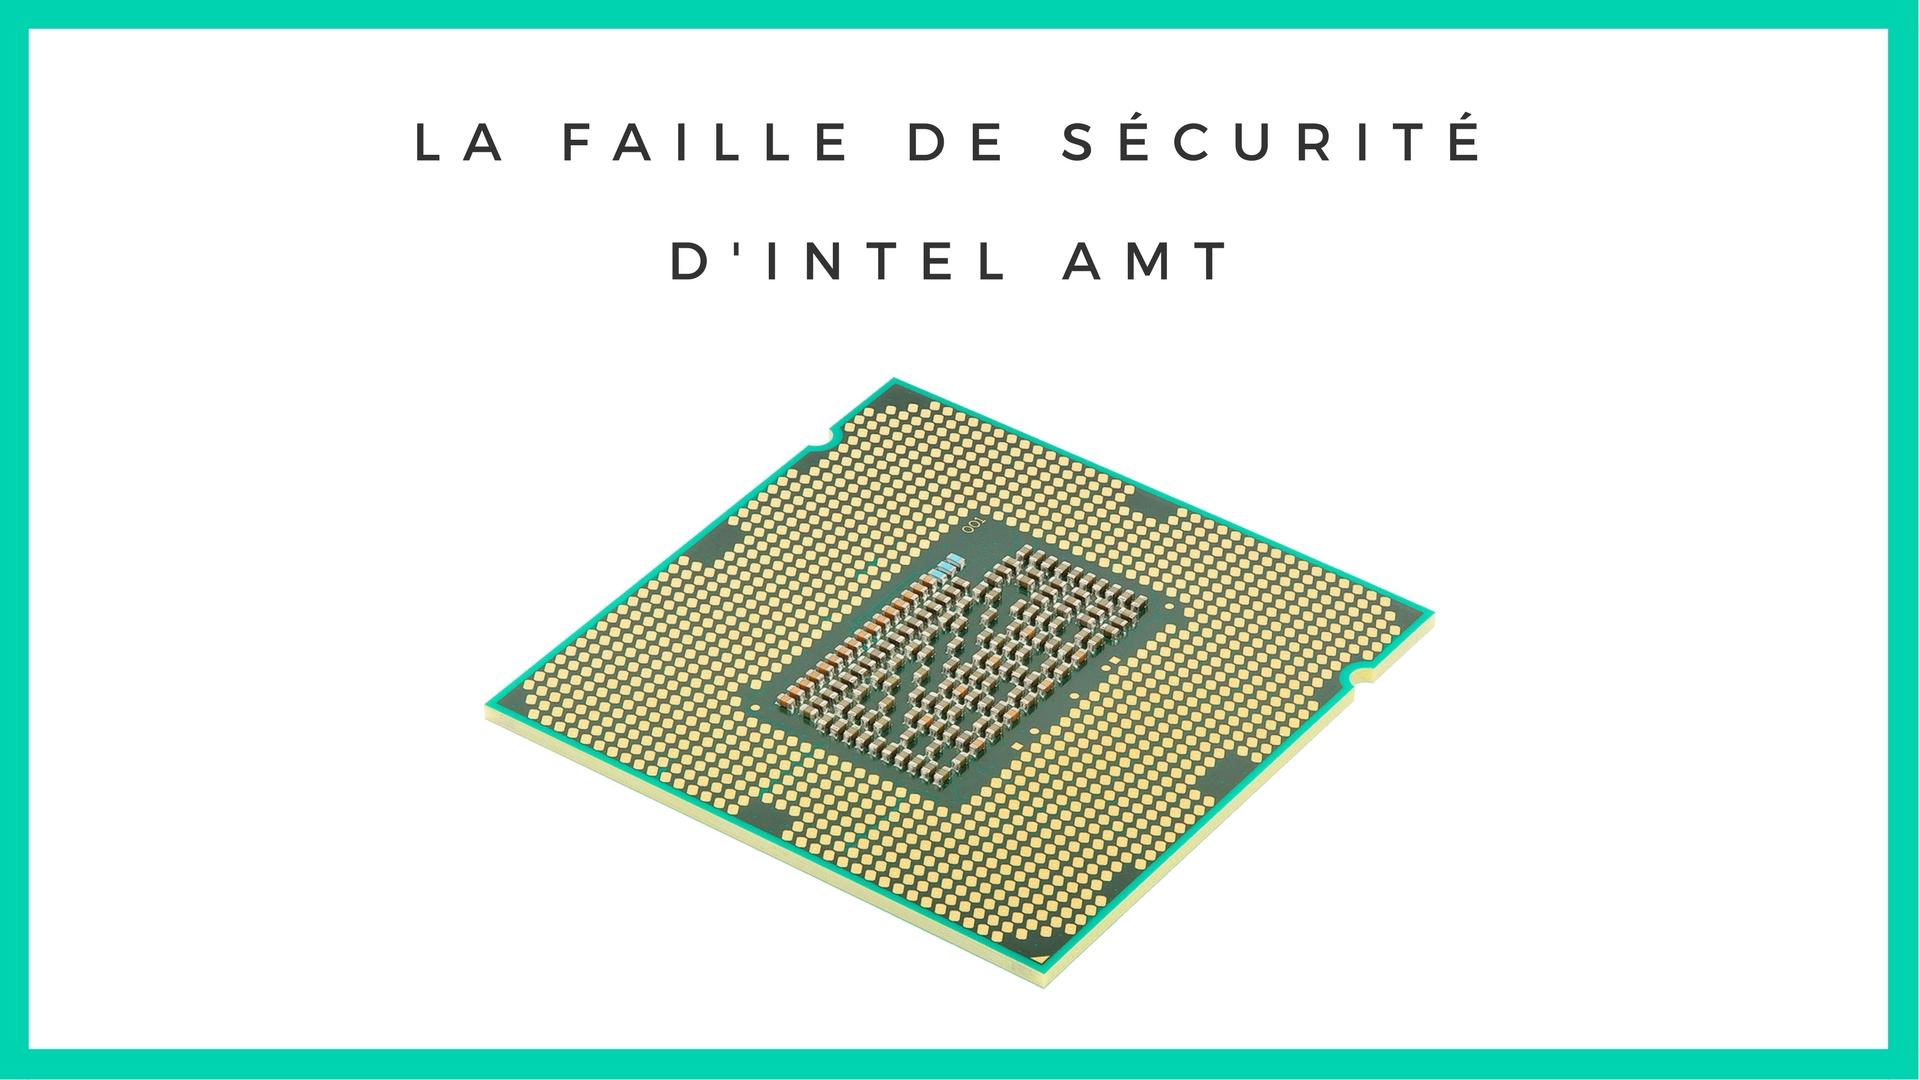 Notre article sur la faille de sécurité Intel AMT